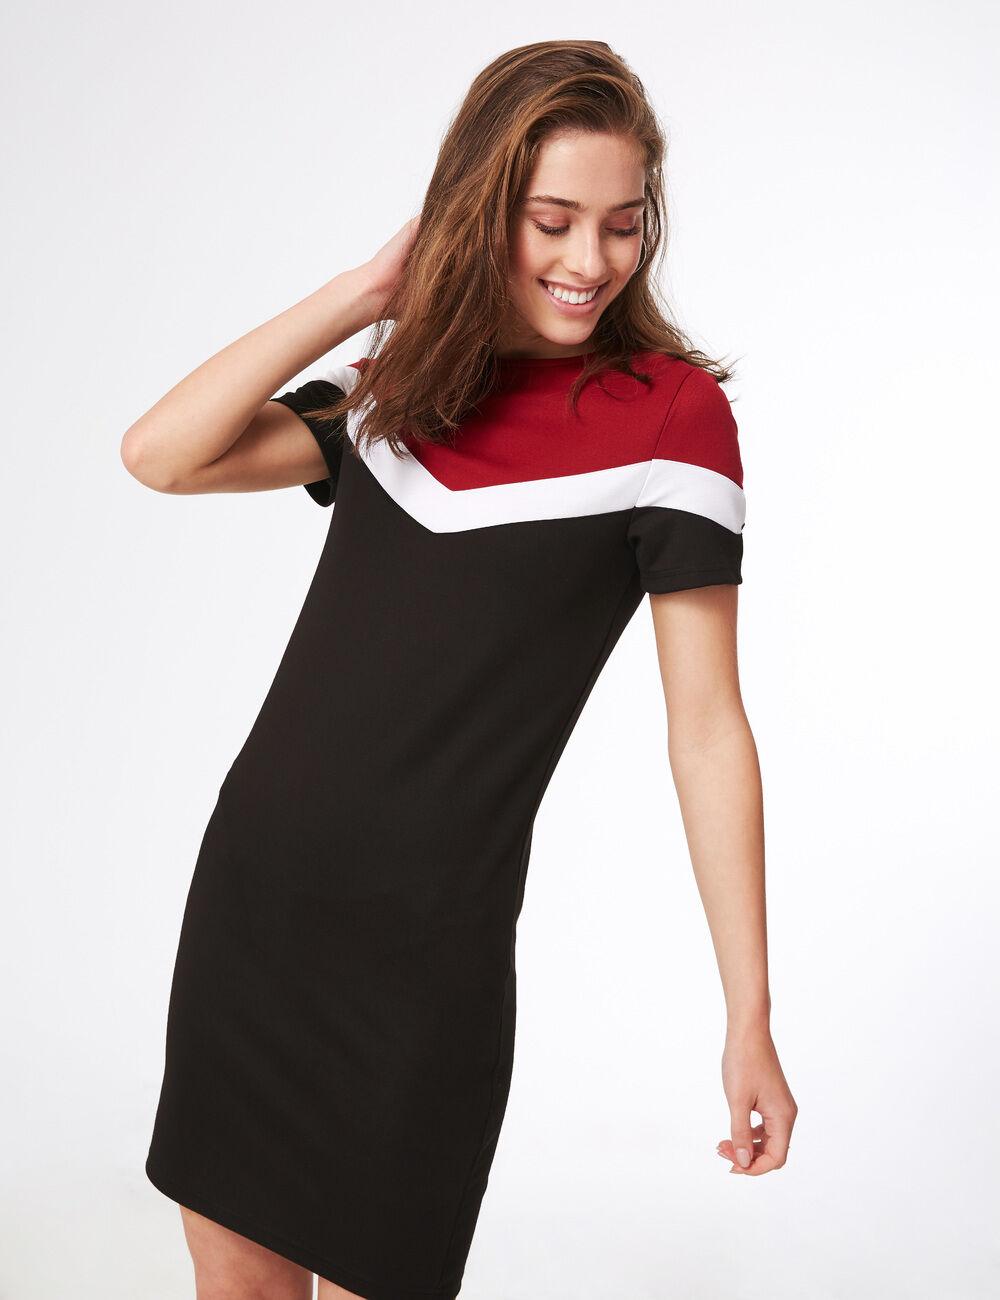 Robe tricolore noire, blanche et bordeaux femme • Jennyfer 410374644b5